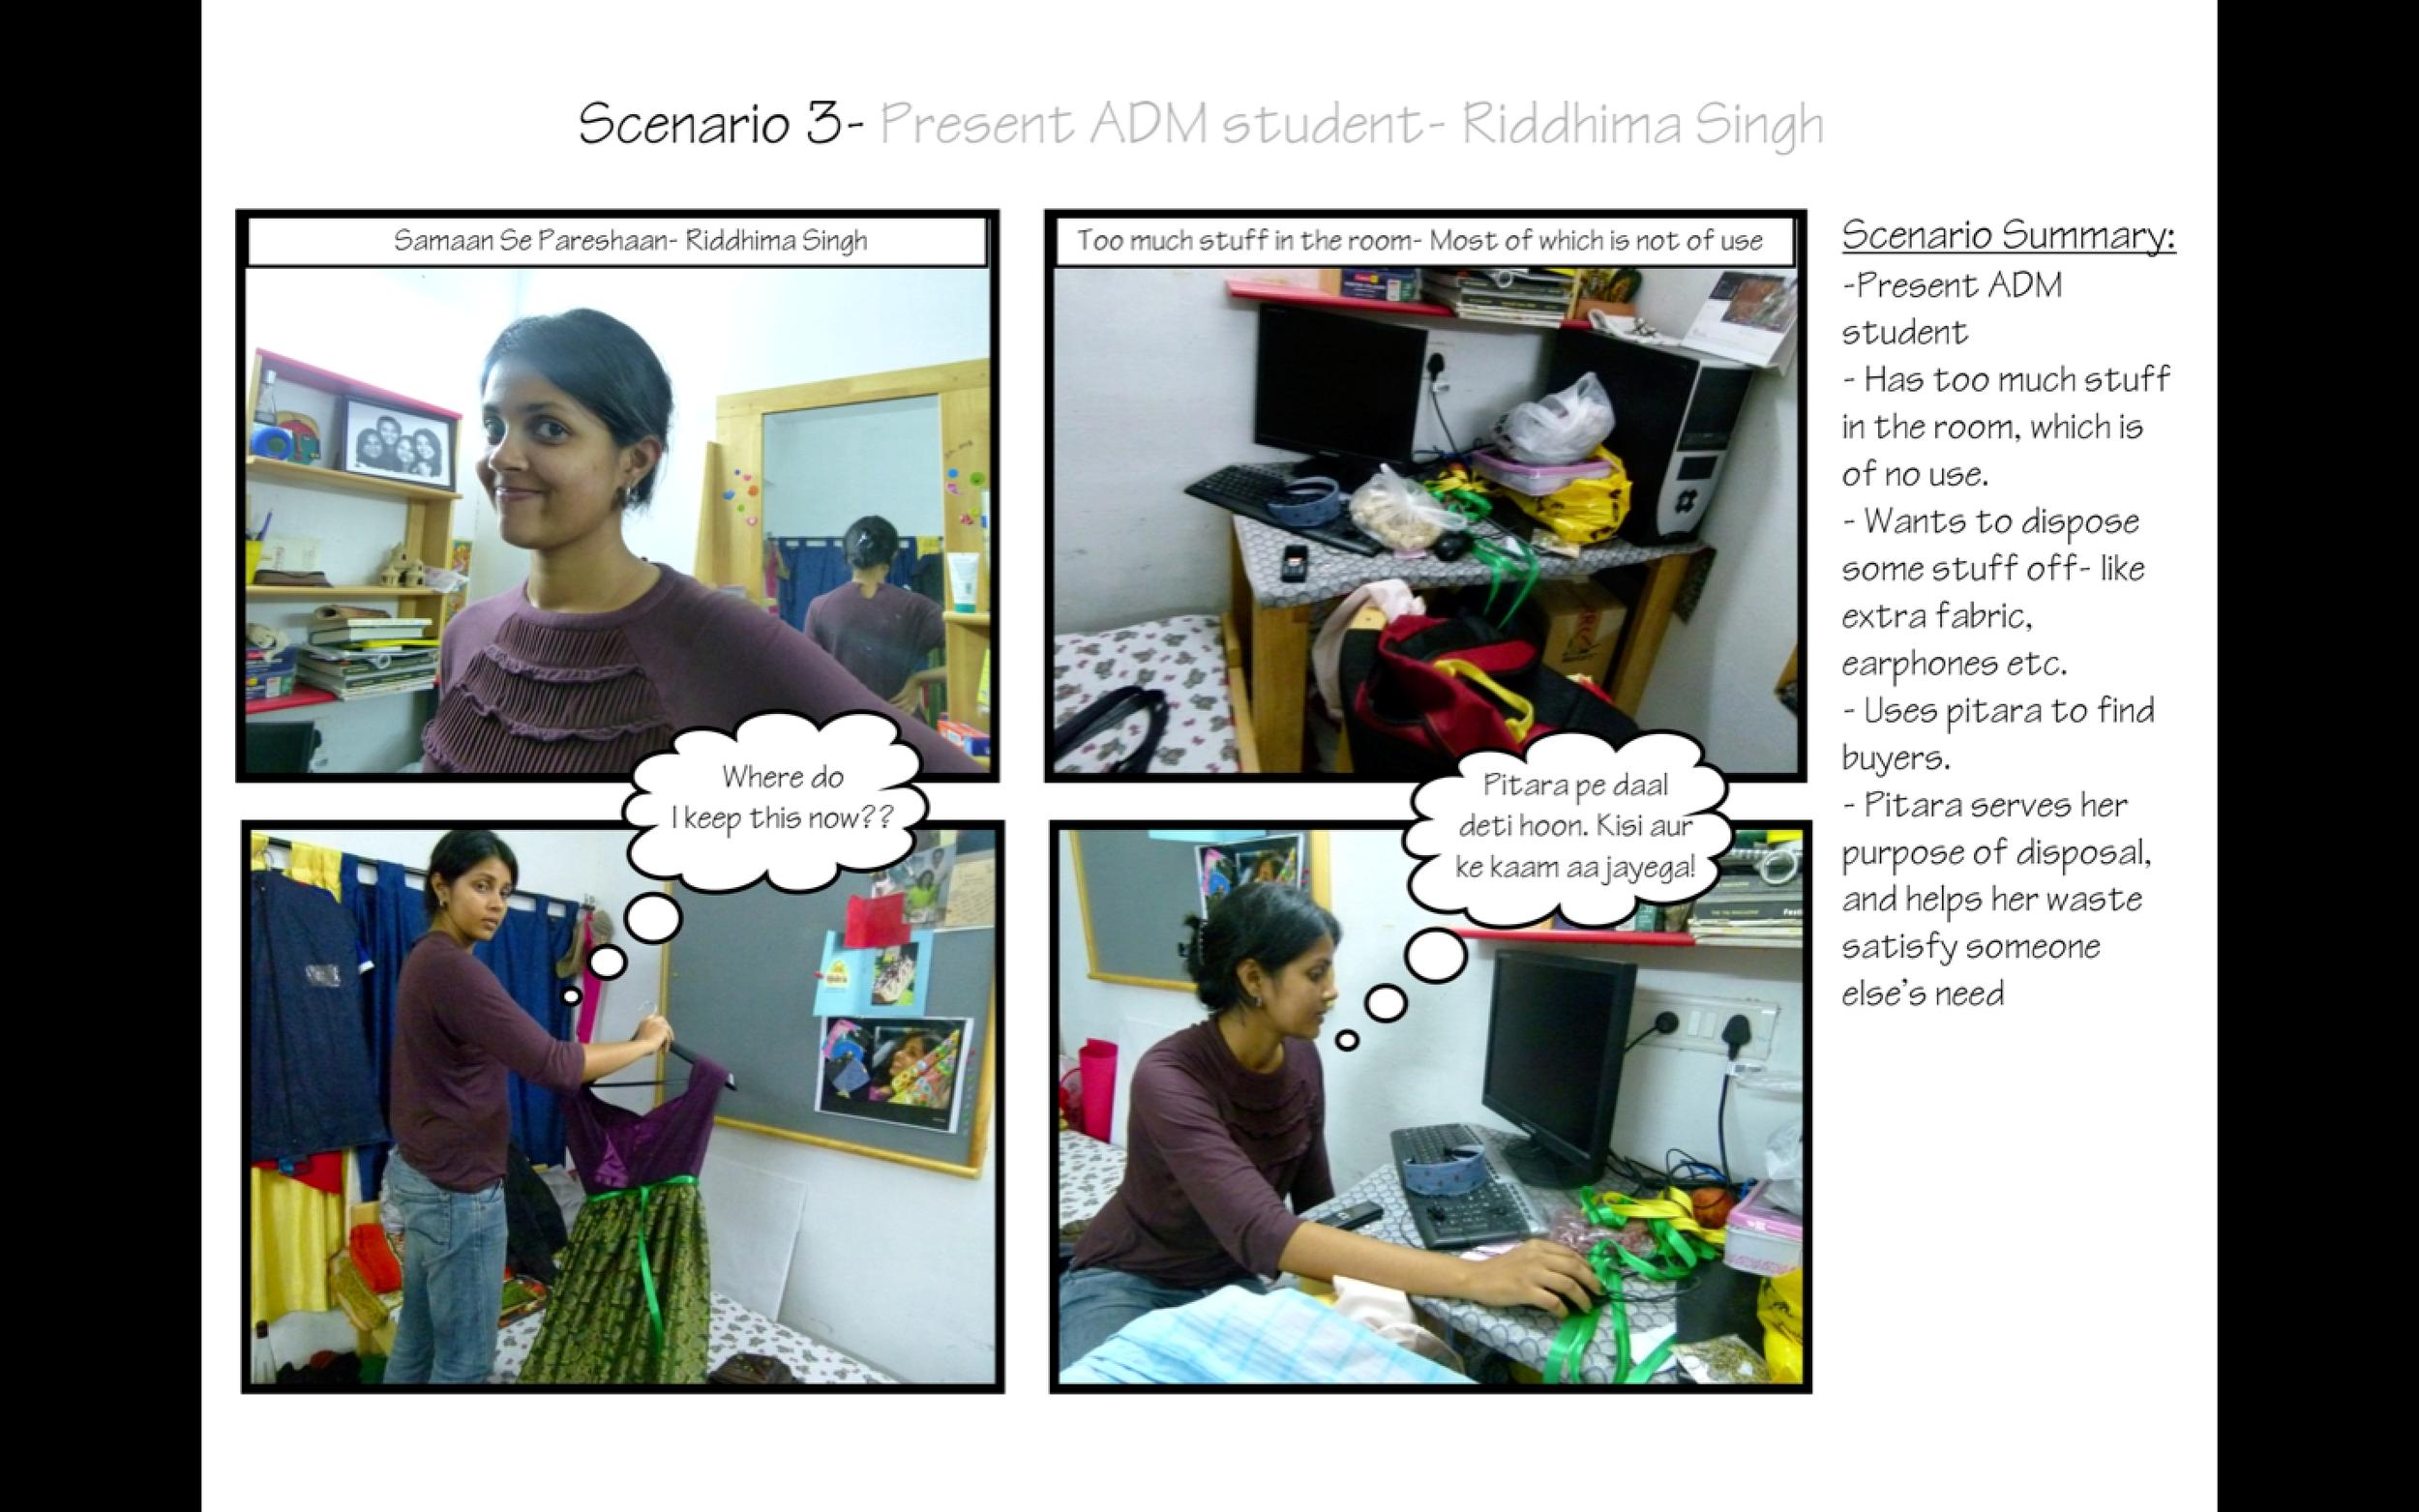 Screen Shot 2014-12-24 at 1.50.22 PM.png